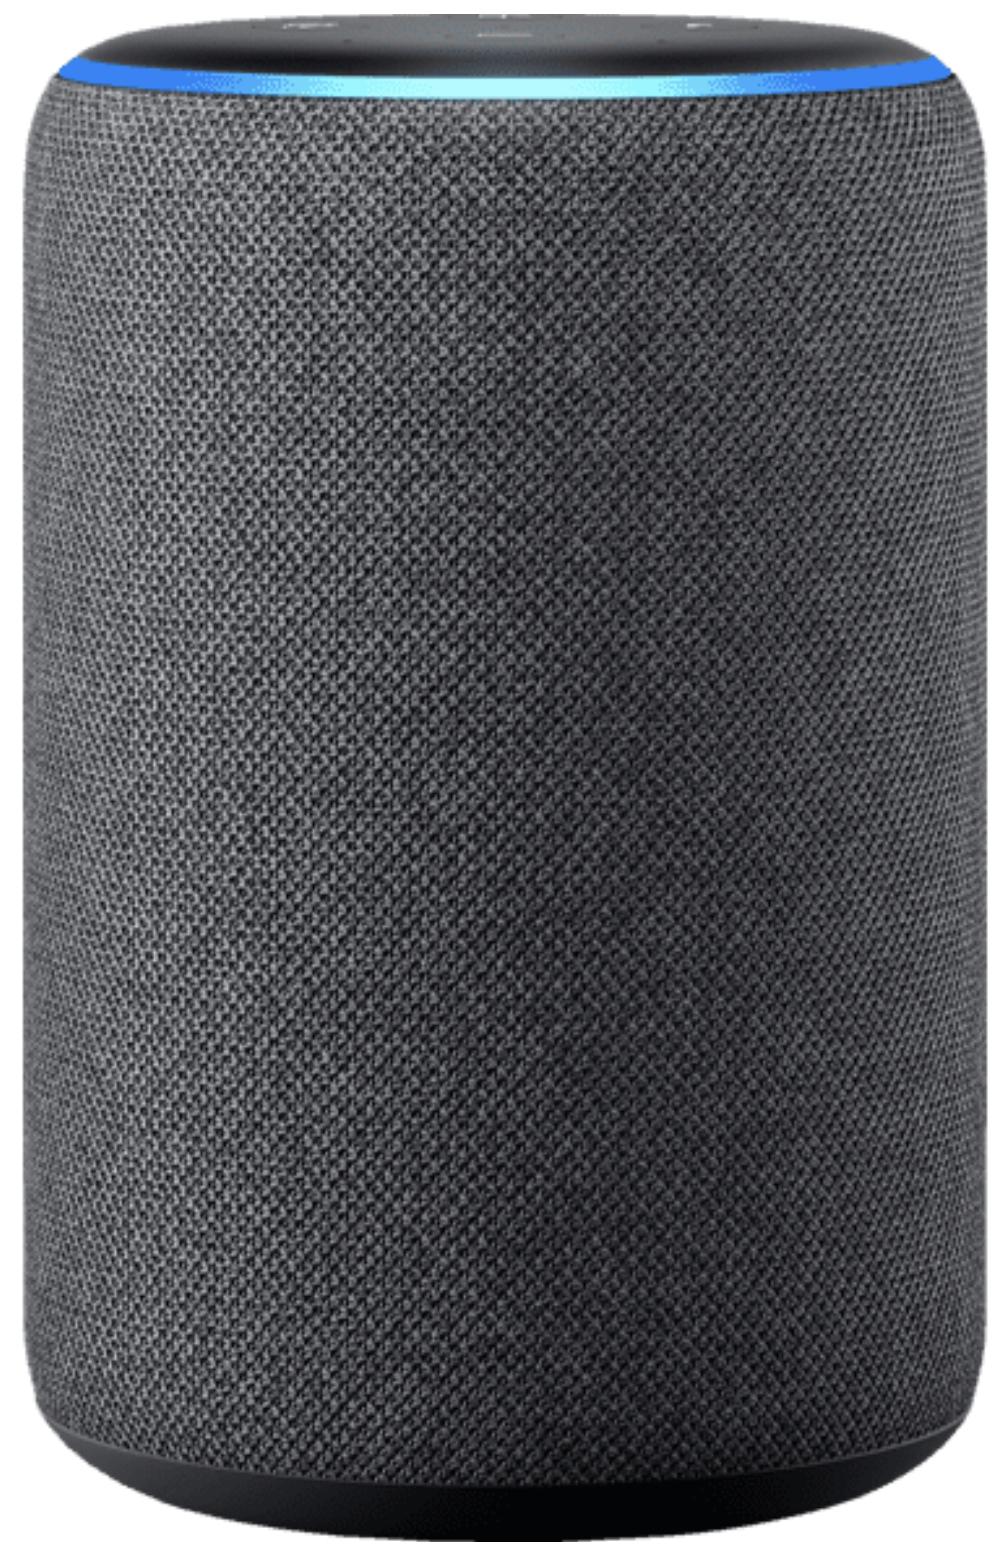 Wieder verfügbar: Amazon Echo (3. Generation) für 49€ inkl. Versandkosten